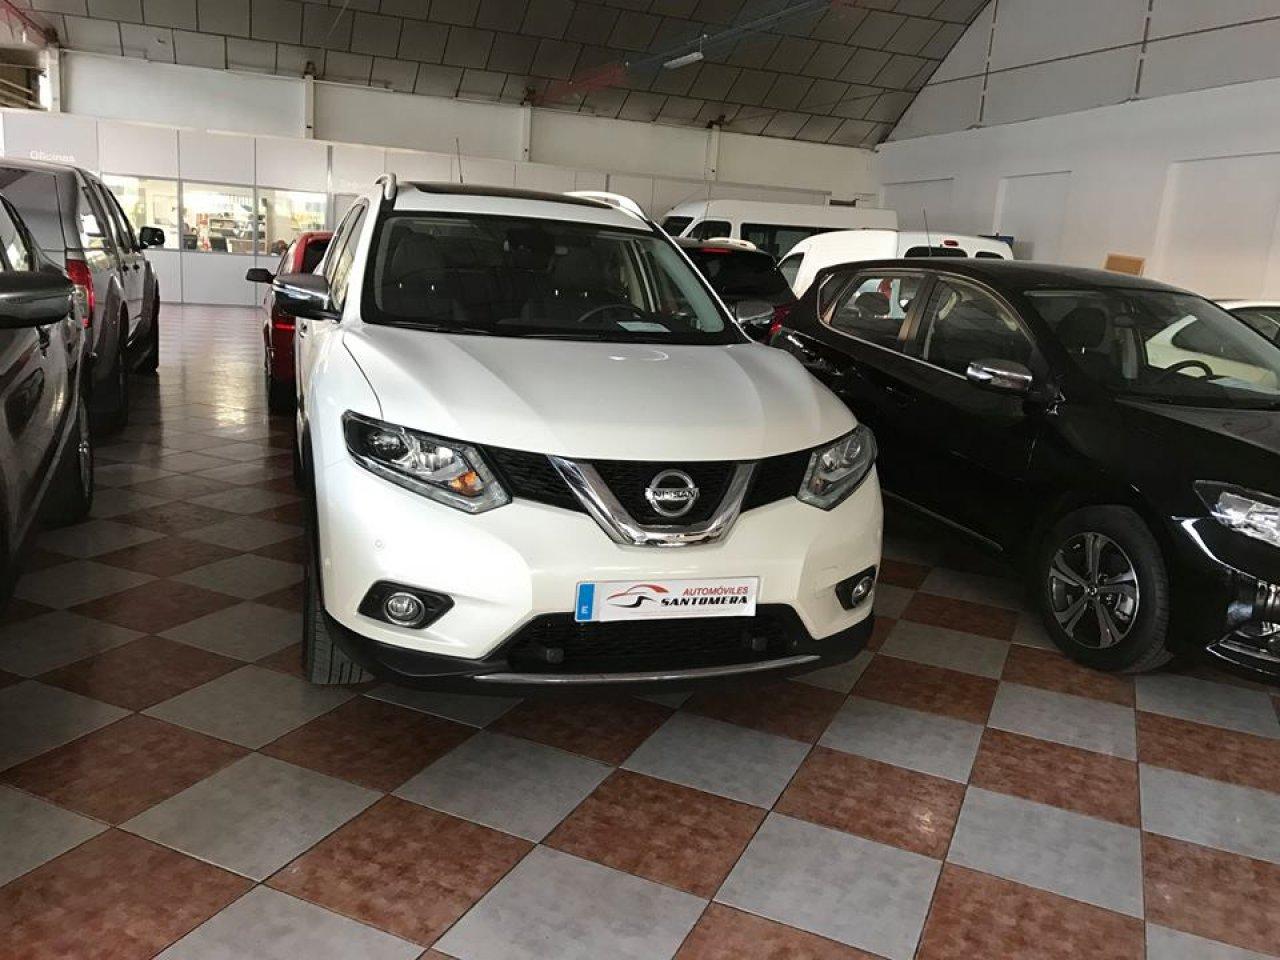 Nissan X-TRAIL XTRONIC TEKNA